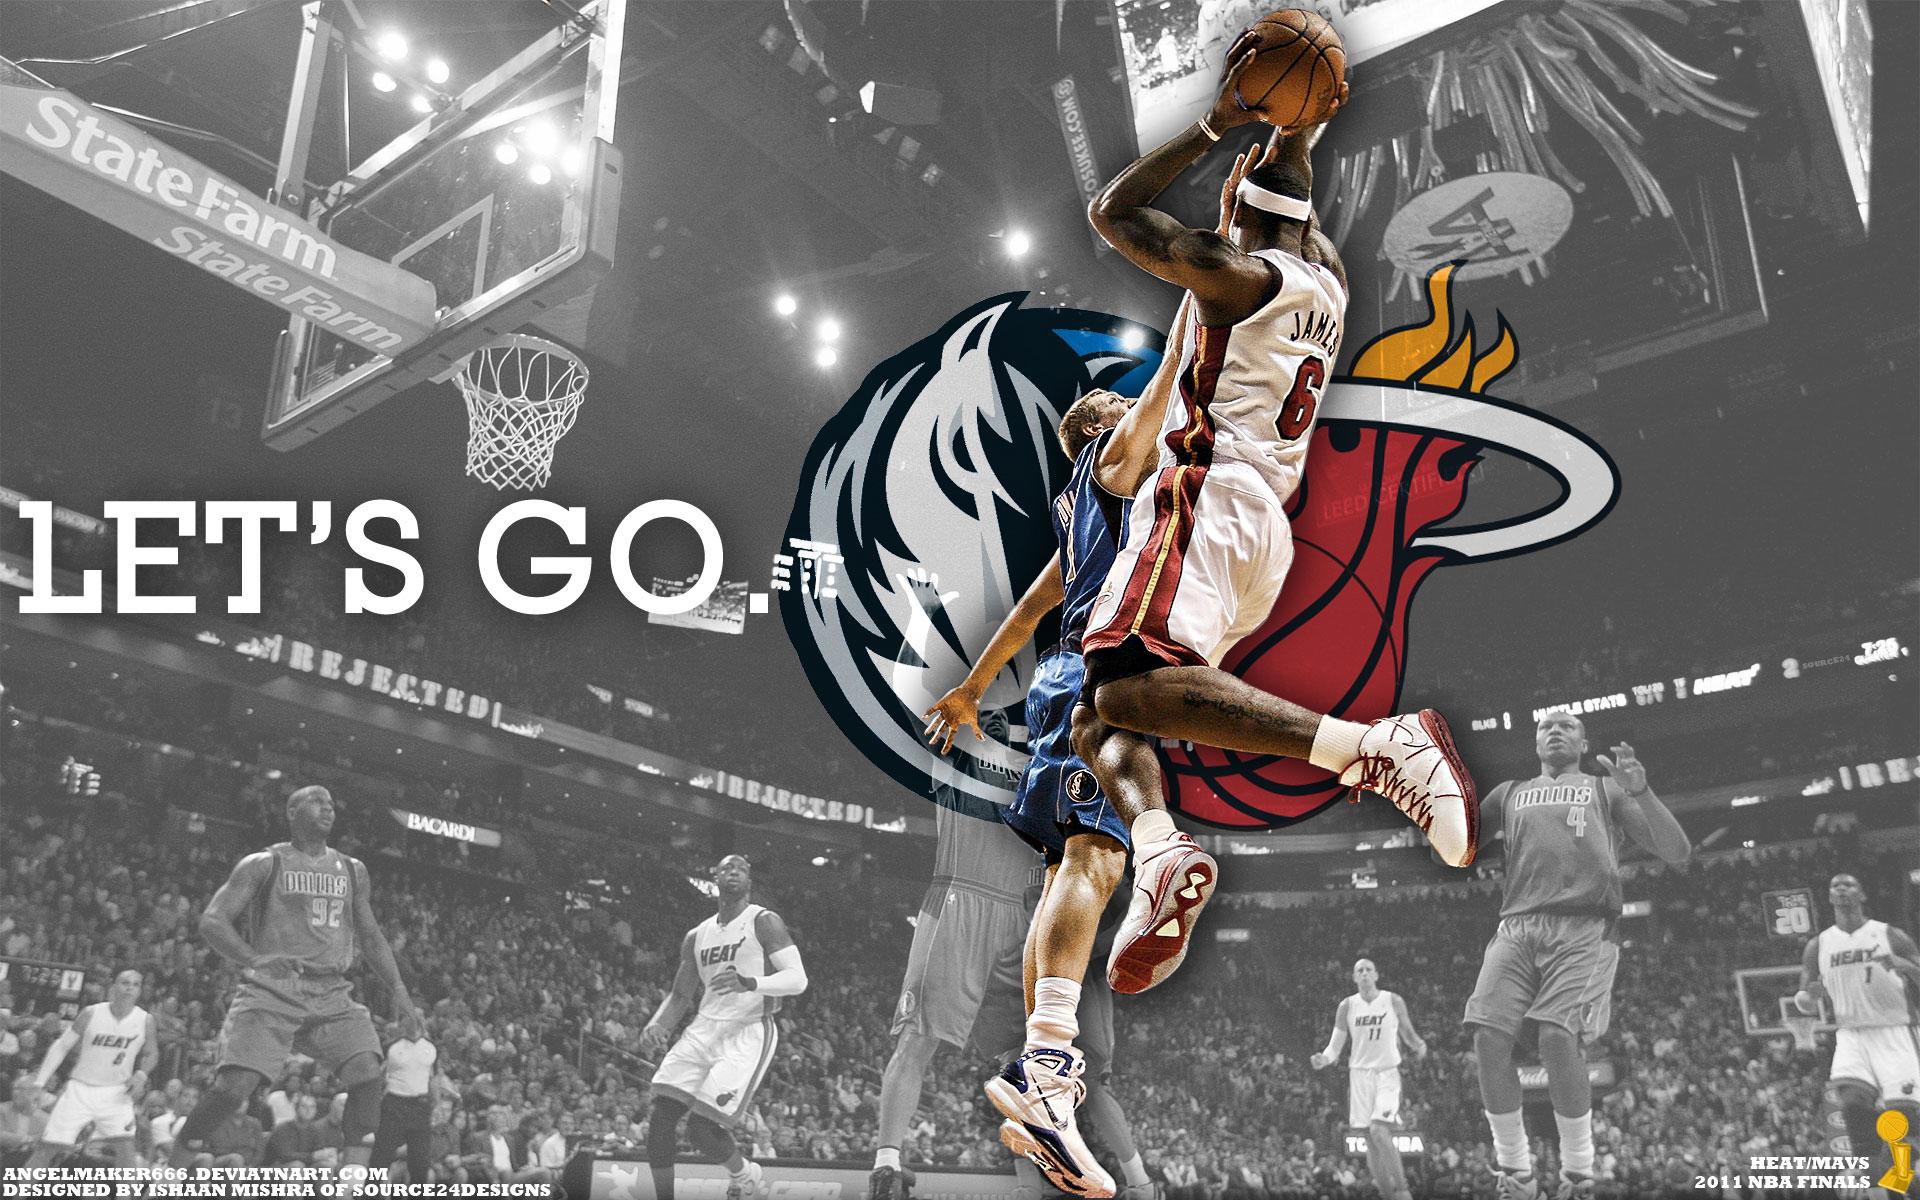 LeBron Vs Dirk 2011 NBA Finals Widescreen Wallpaper